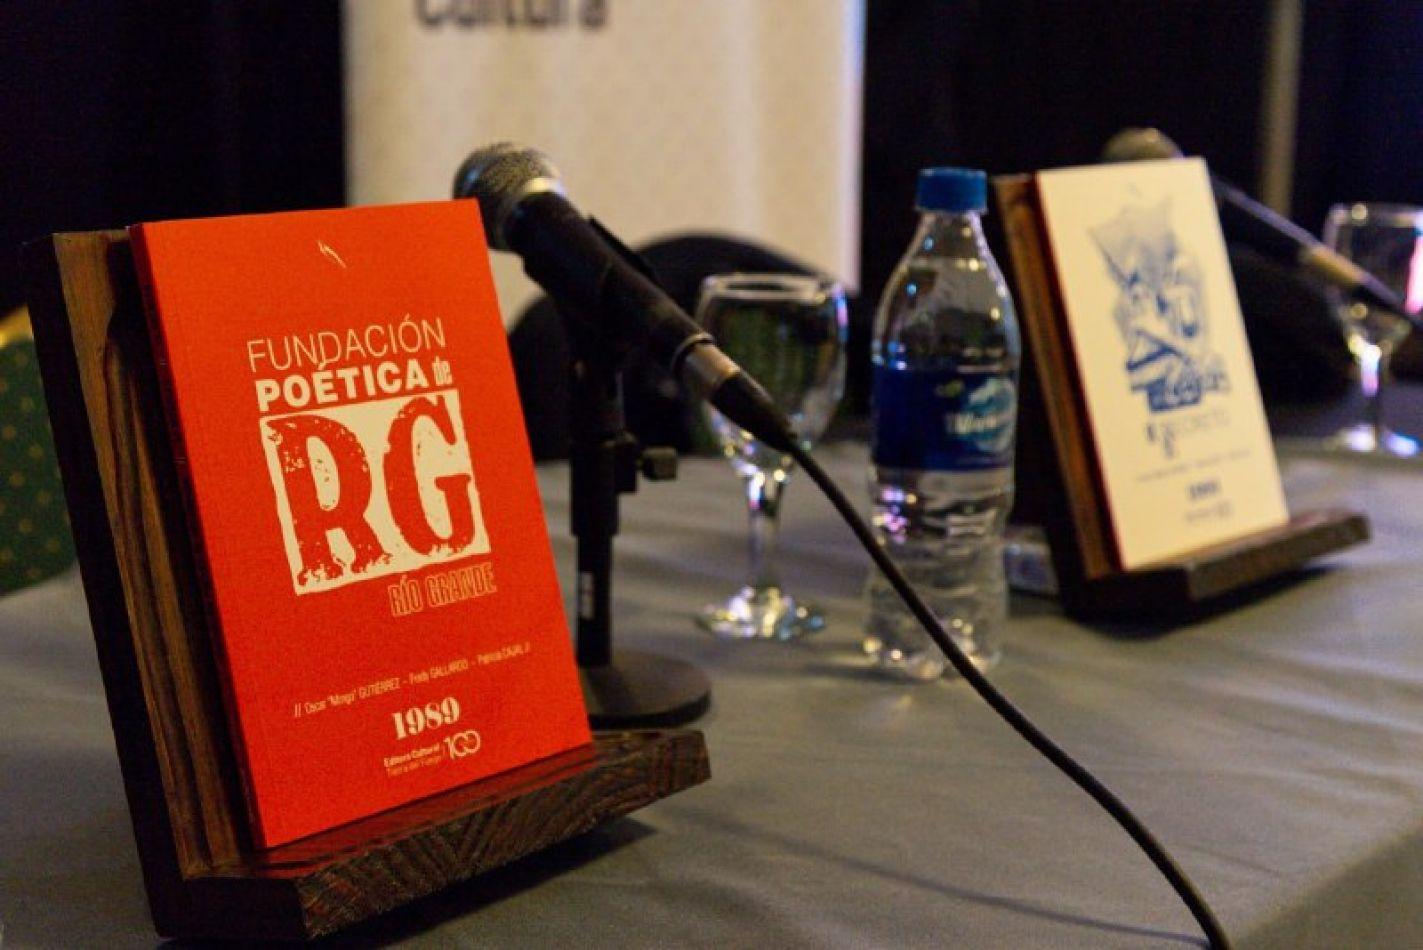 La Editoria Cultural Tierra del Fuego presentó la edición homenaje de la Fundación Poética de Río Grande